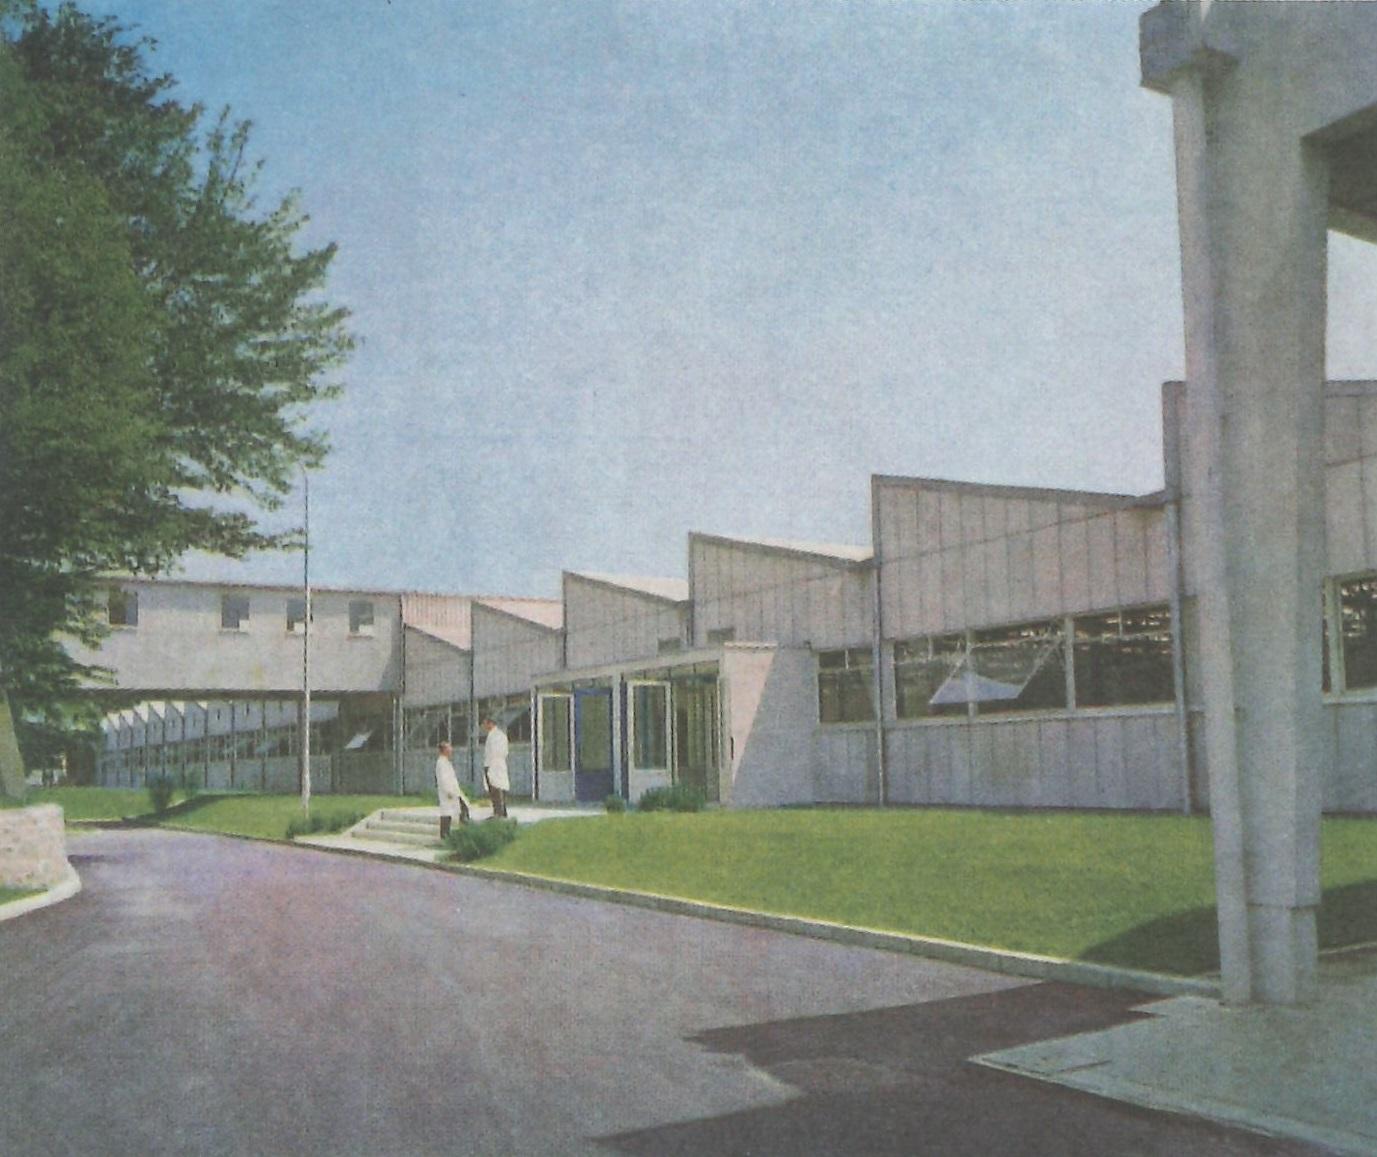 Extérieur de l'usine montre Lip de Palente 1962 revue Usine d' Aujourd'hui